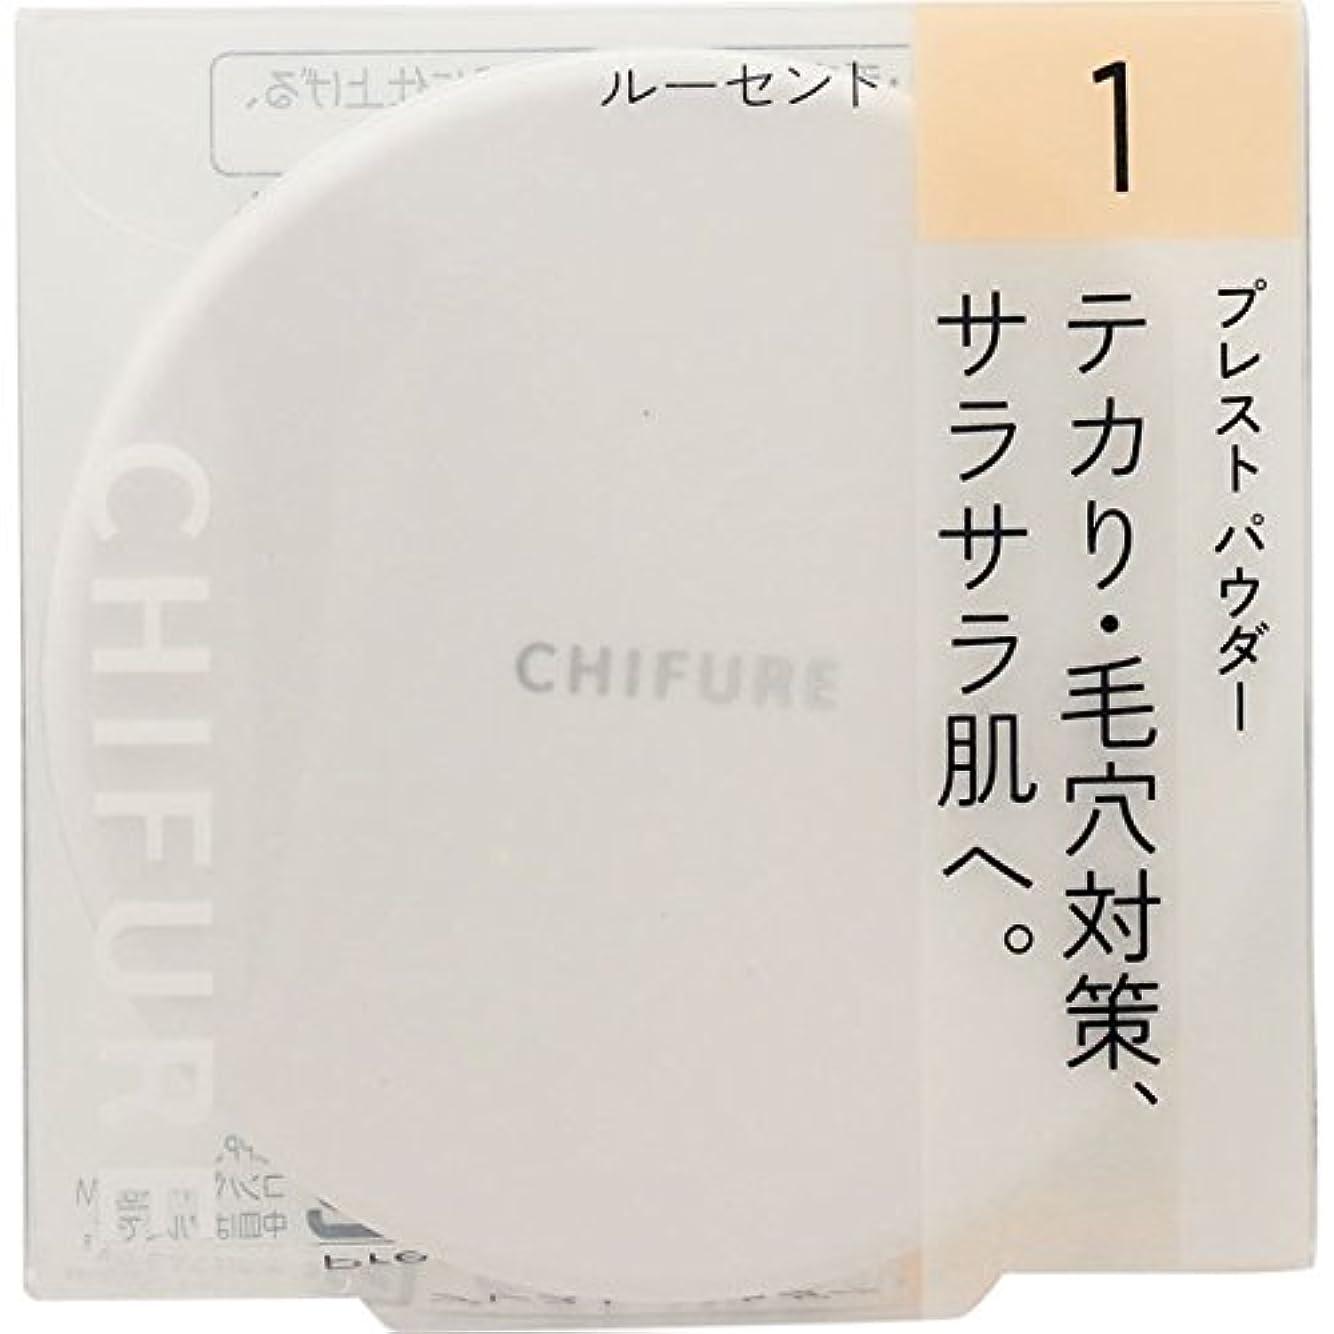 会社アストロラーベ最もちふれ化粧品 ちふれ プレストパウダーS 1 プレストパウダーS1